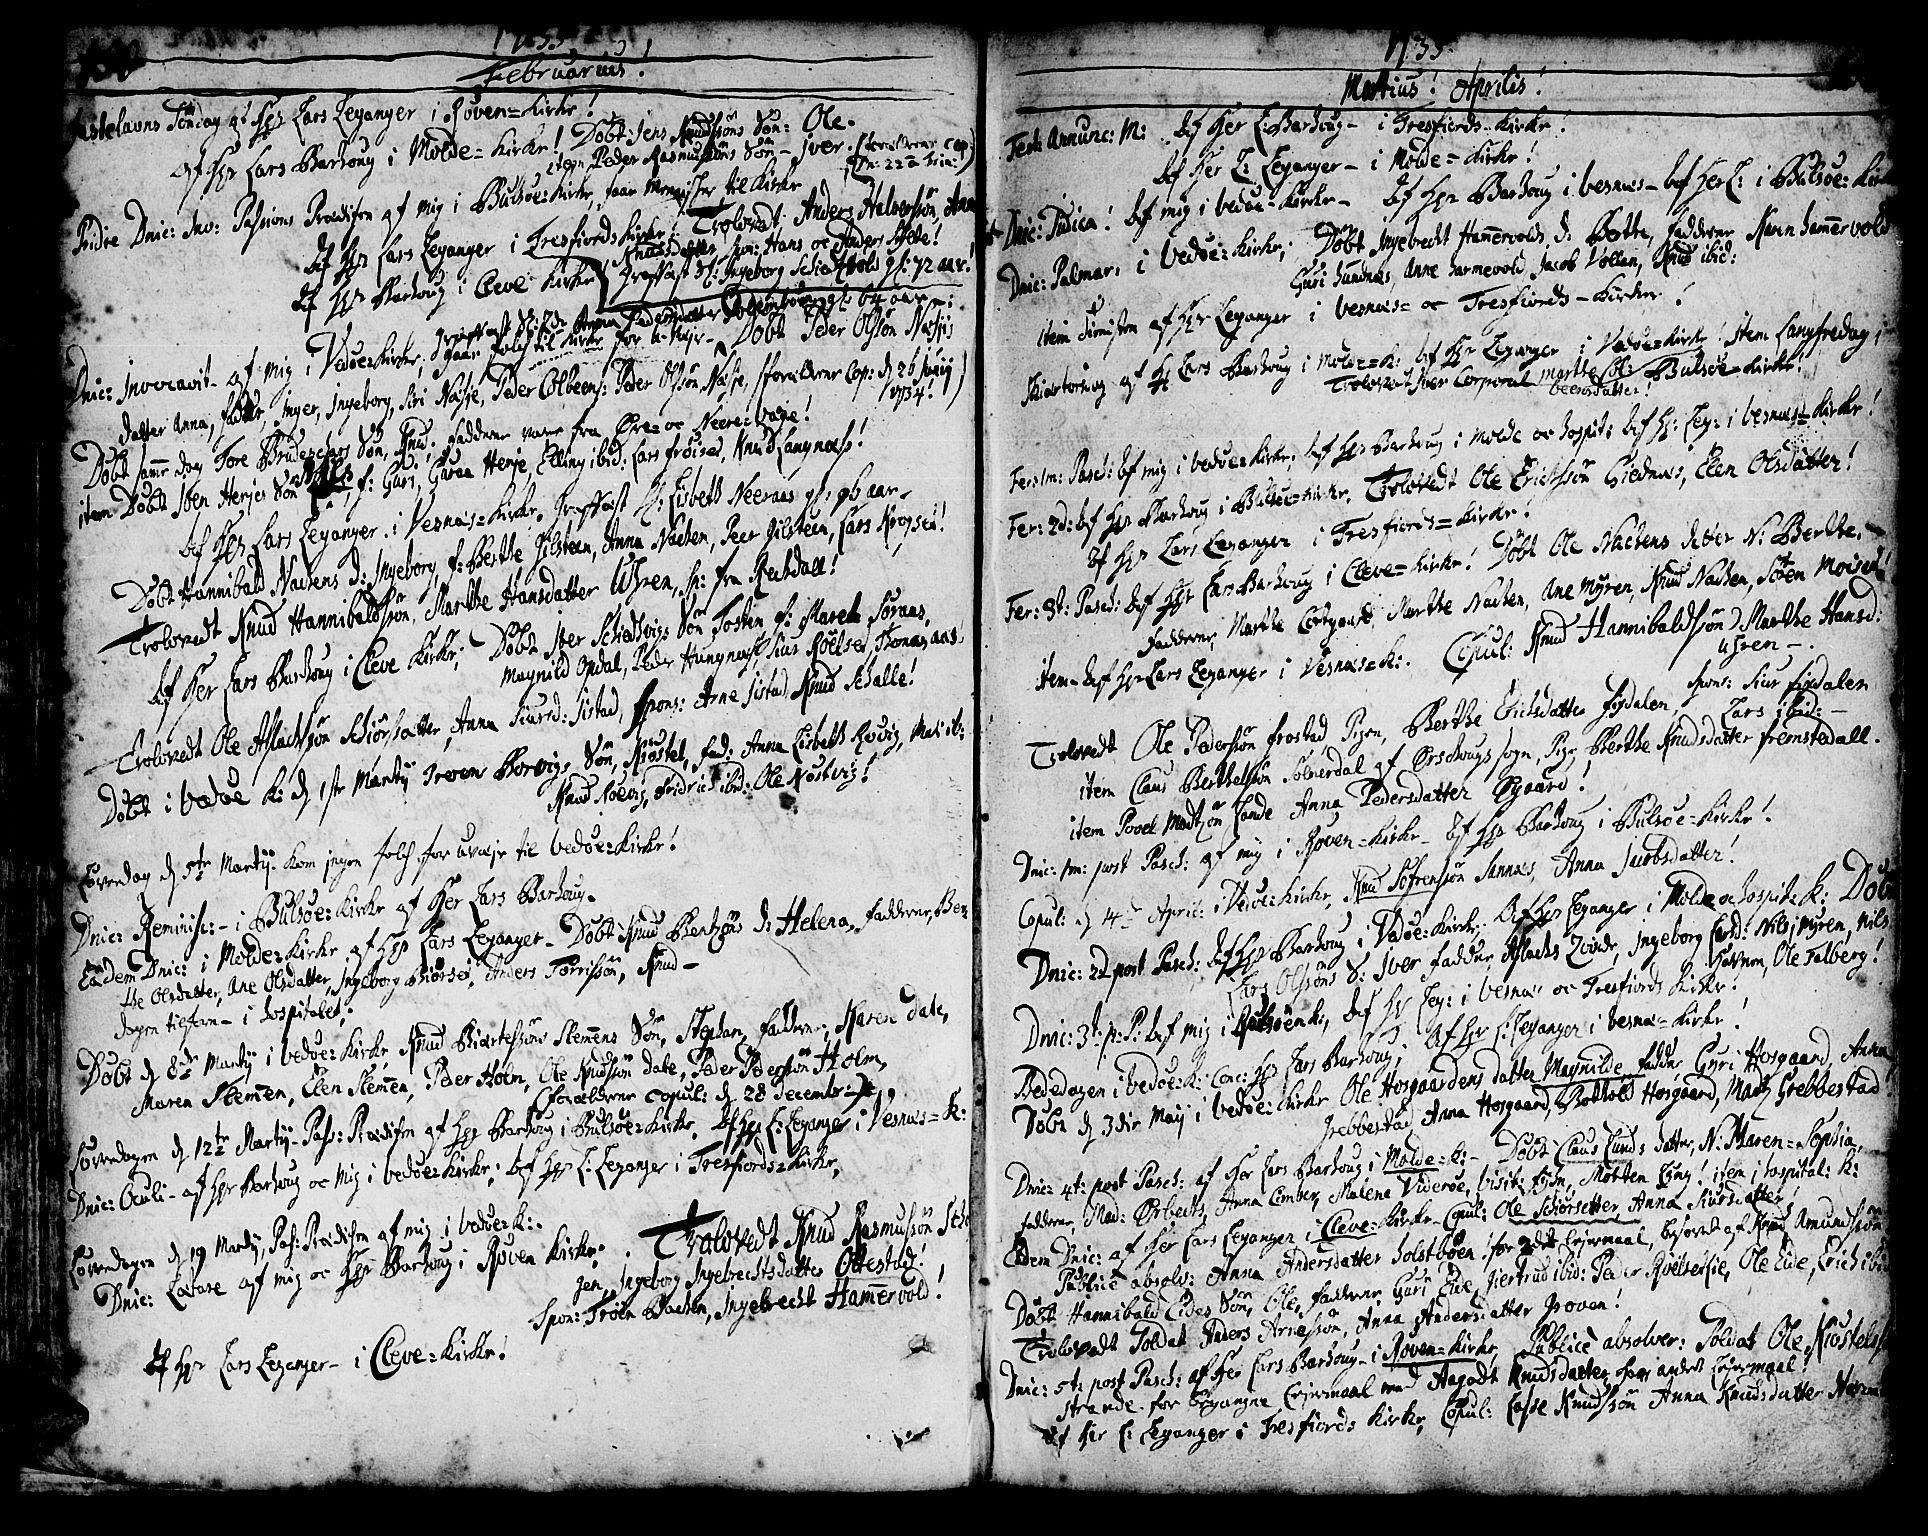 SAT, Ministerialprotokoller, klokkerbøker og fødselsregistre - Møre og Romsdal, 547/L0599: Ministerialbok nr. 547A01, 1721-1764, s. 152-153